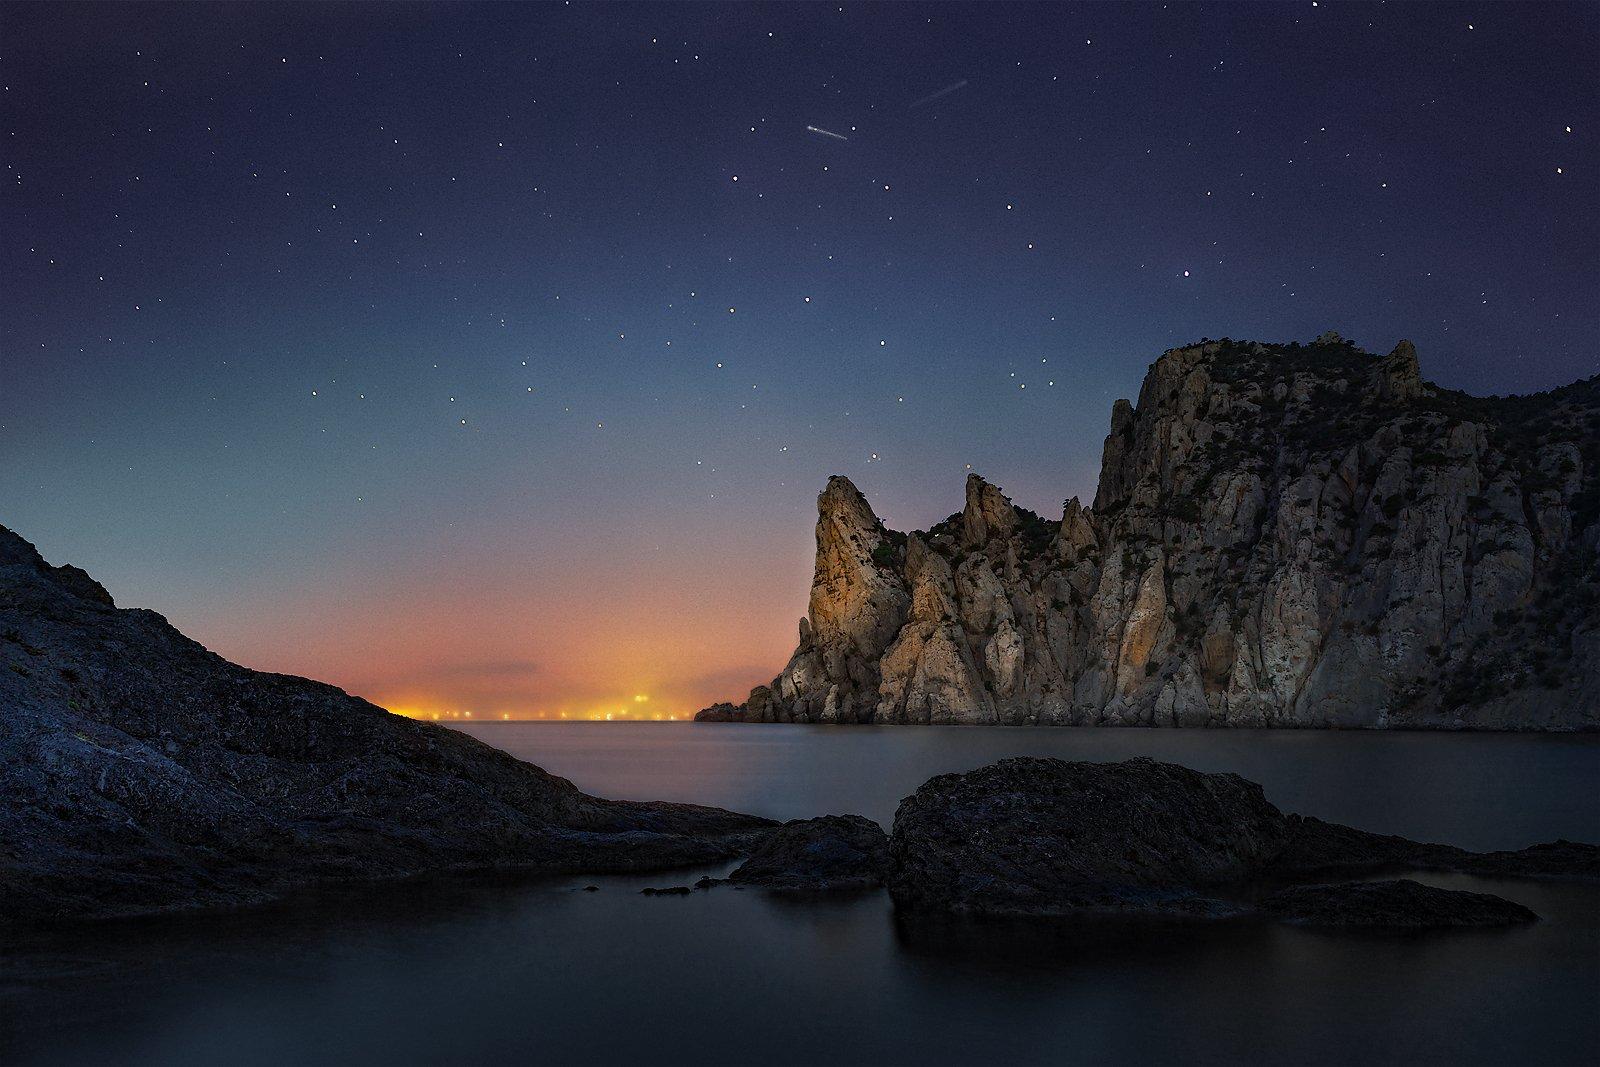 рассвет, ночь, караул-оба, новый свет, судак, звезды, гора, Макс